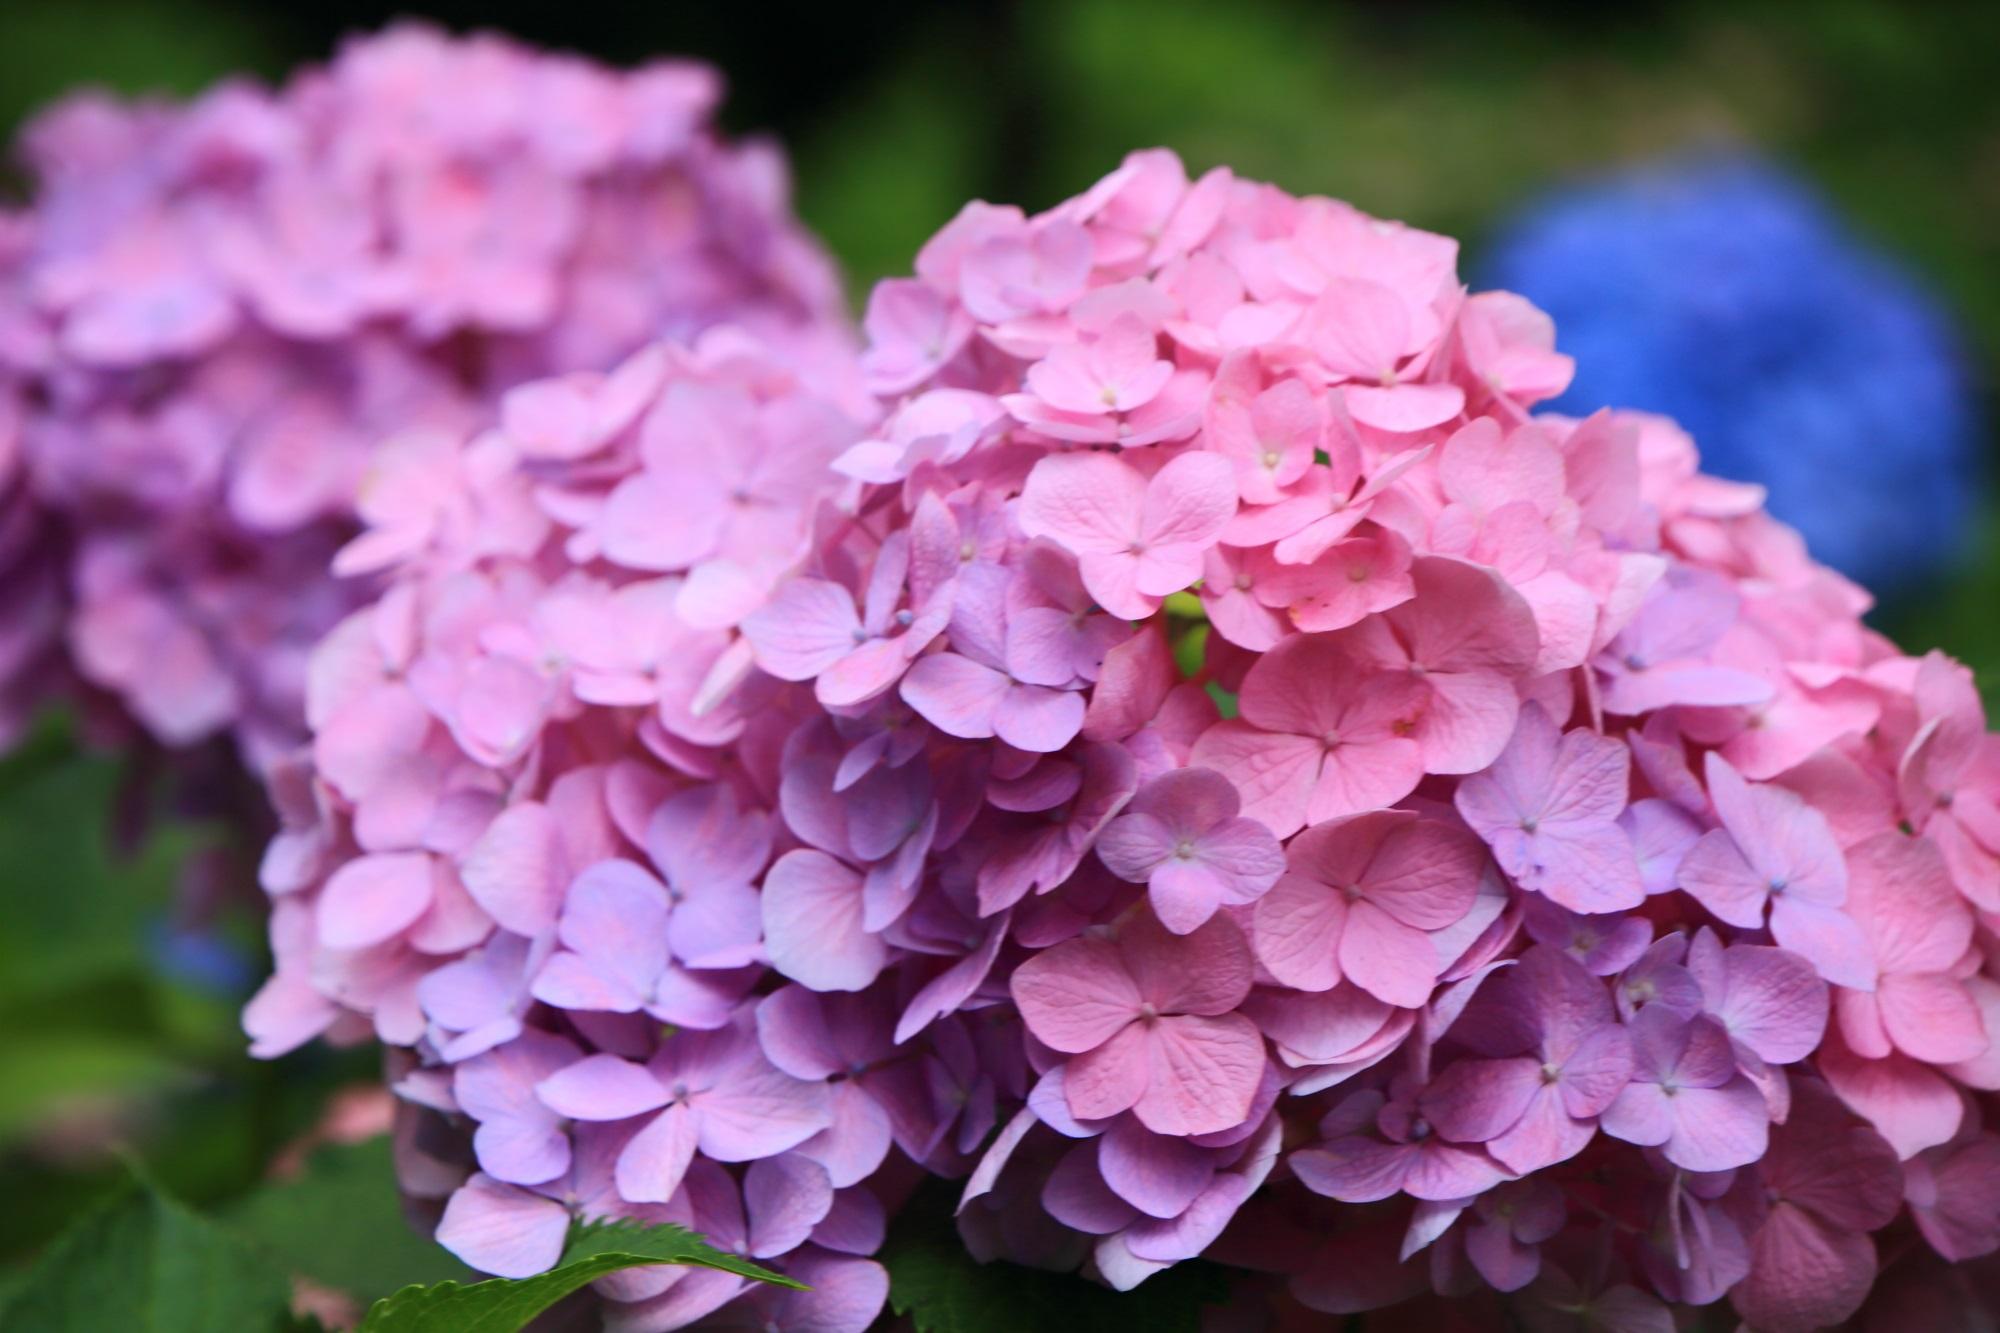 ピンクや薄紫の花びらが重なり合って咲くアジサイ